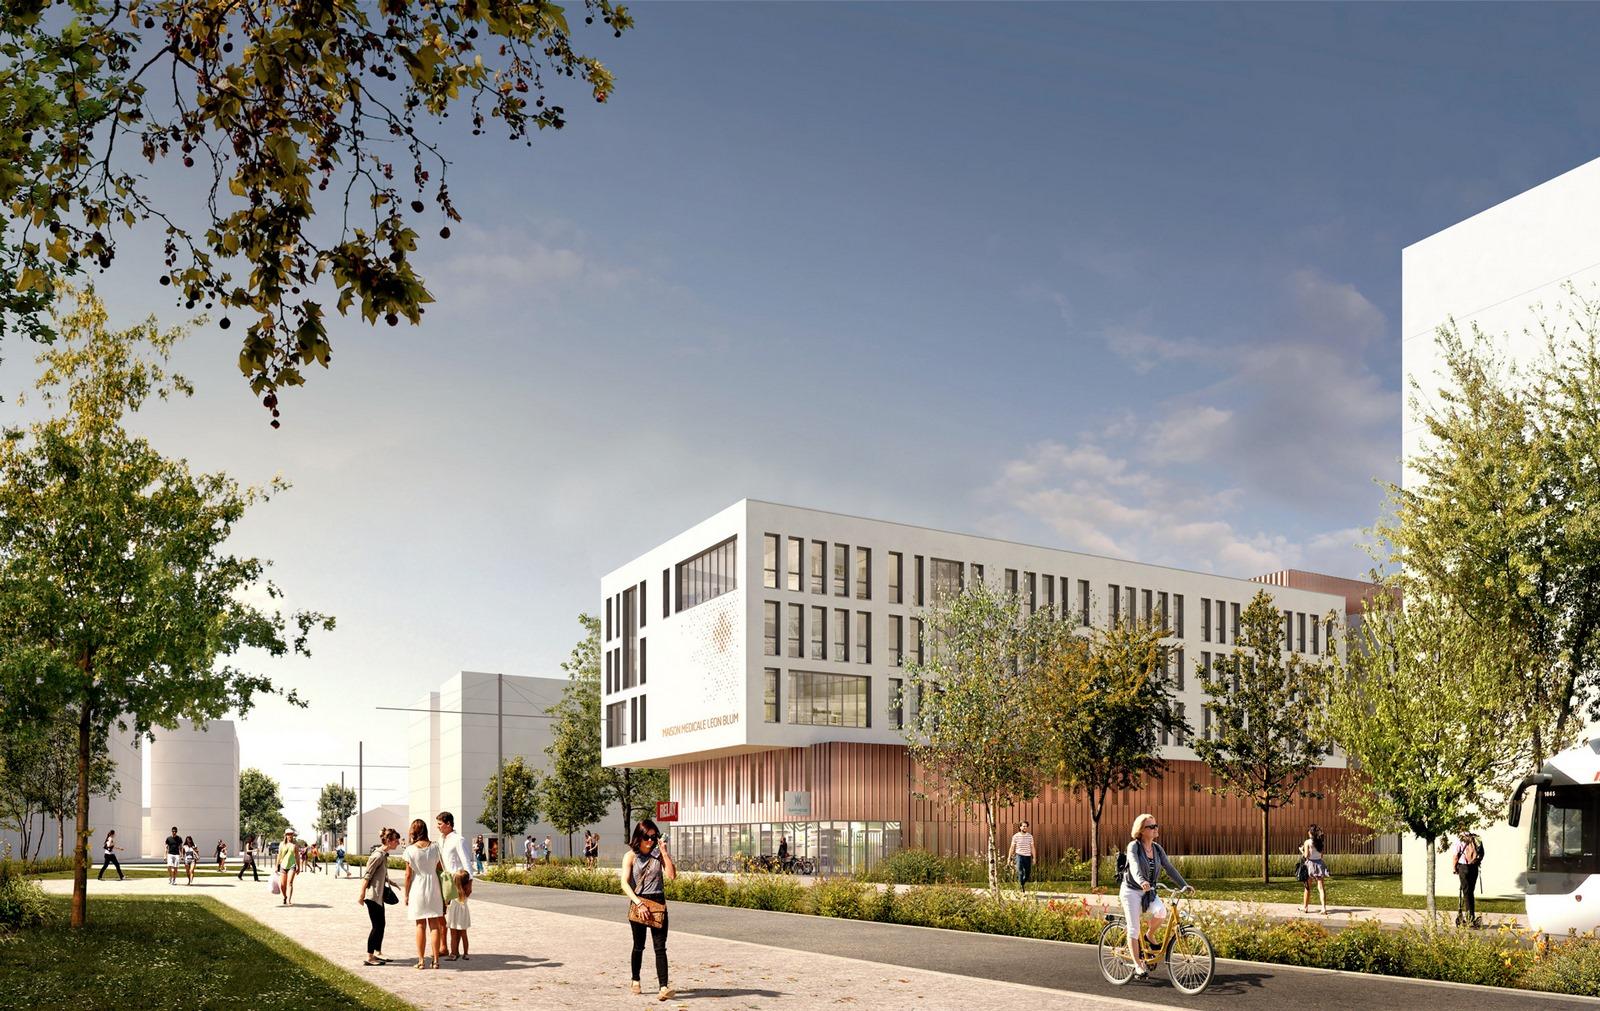 Centre de consultation libéral Léon Blum - Villeurbanne - Z Architecture